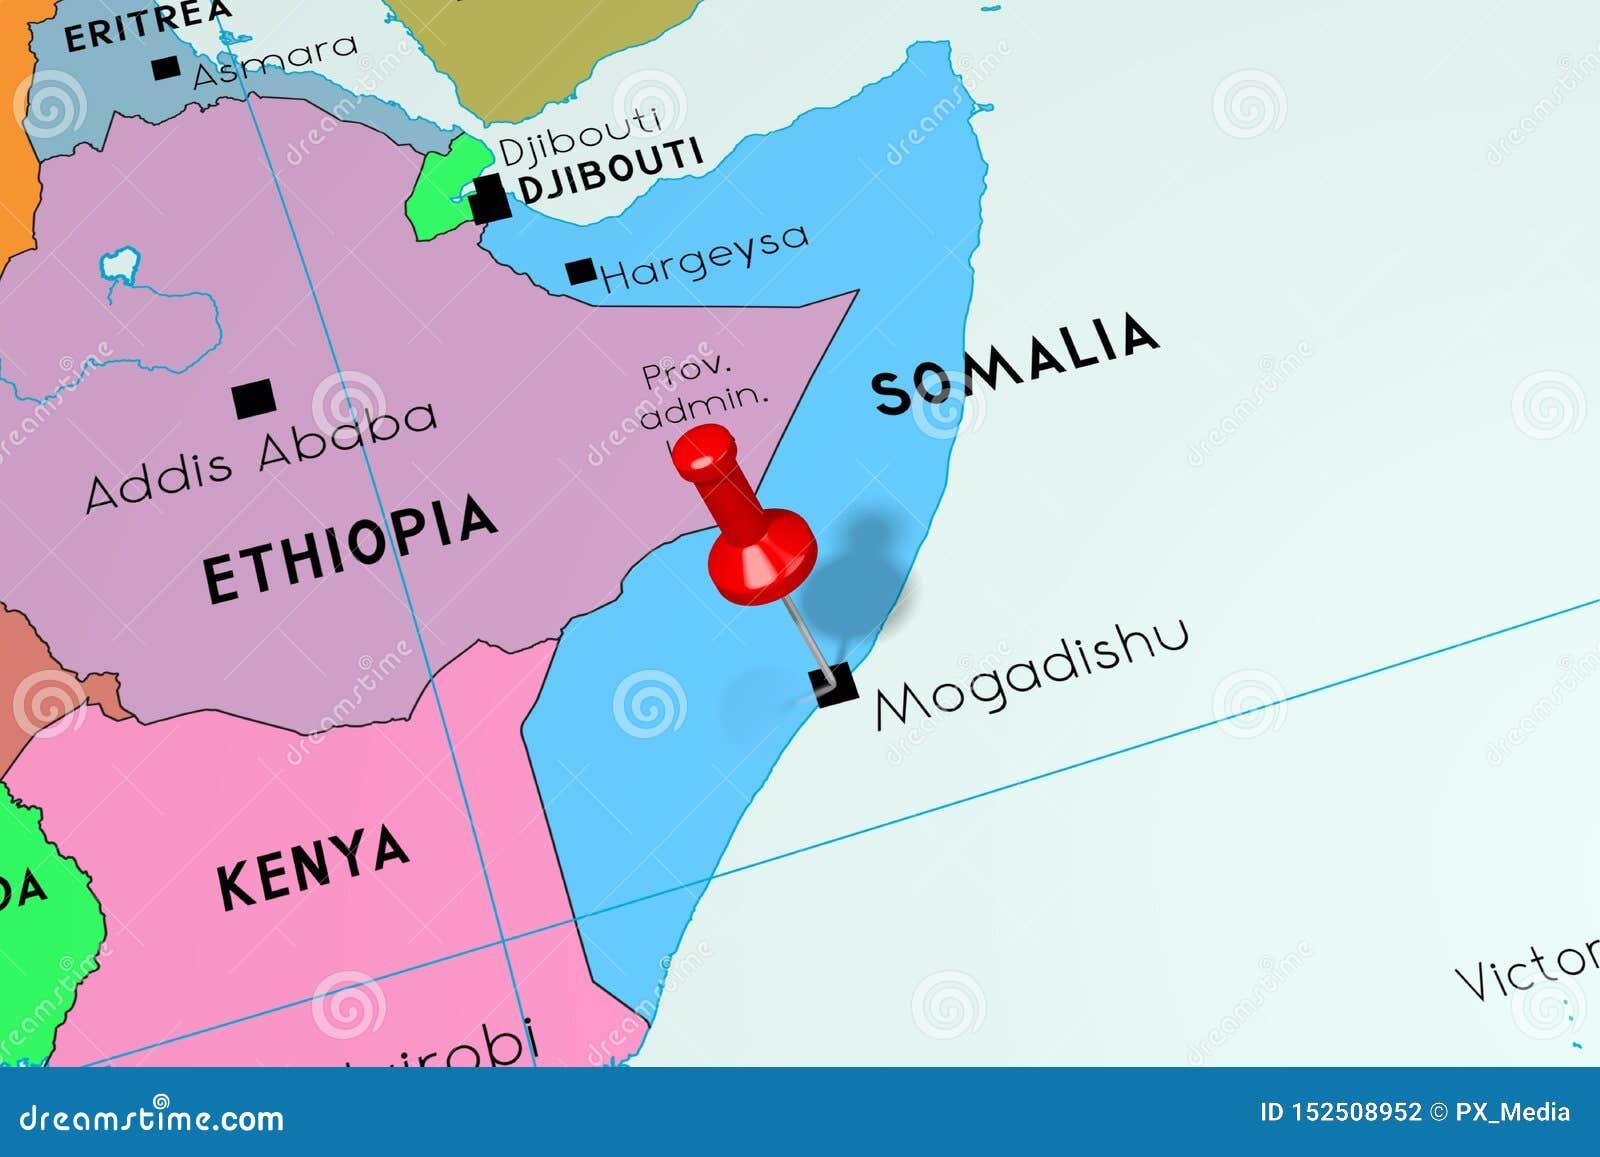 Mogadishu Africa Map.Somalia Mogadishu Capital City Pinned On Political Map